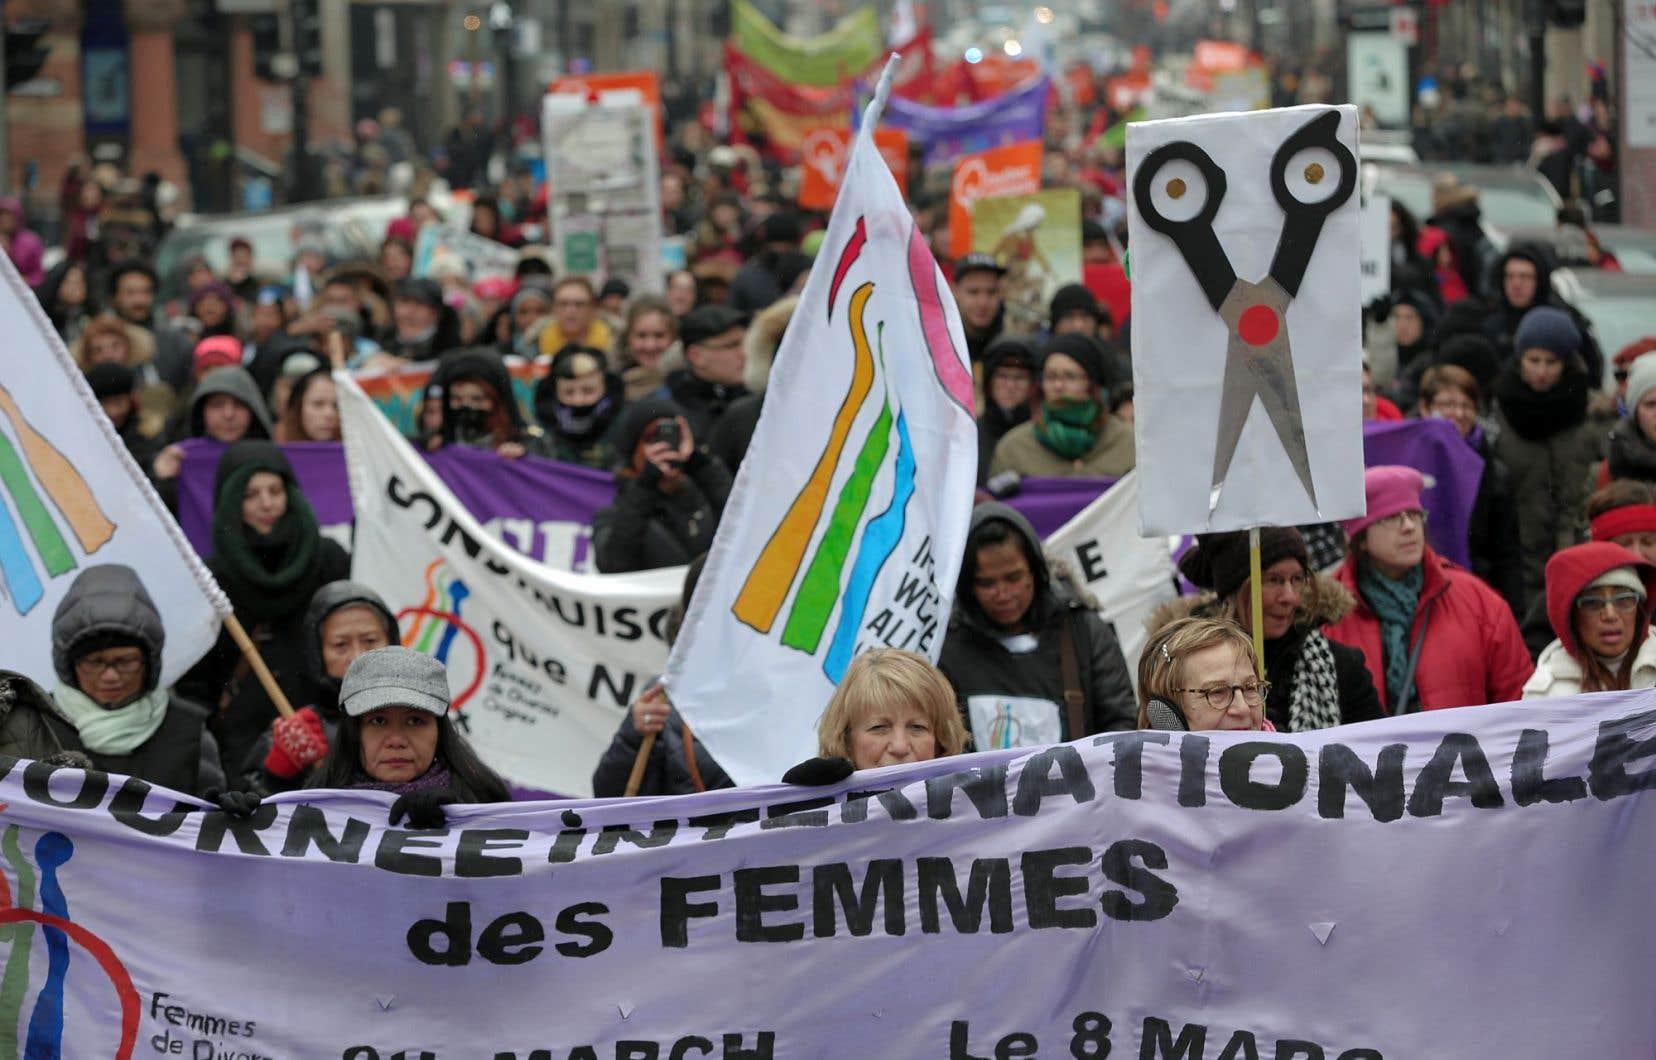 Plus de 1000 personnes, en grande majorité des femmes, étaient réunies à la marche montréalaise soulignant la Journée internationale des femmes.